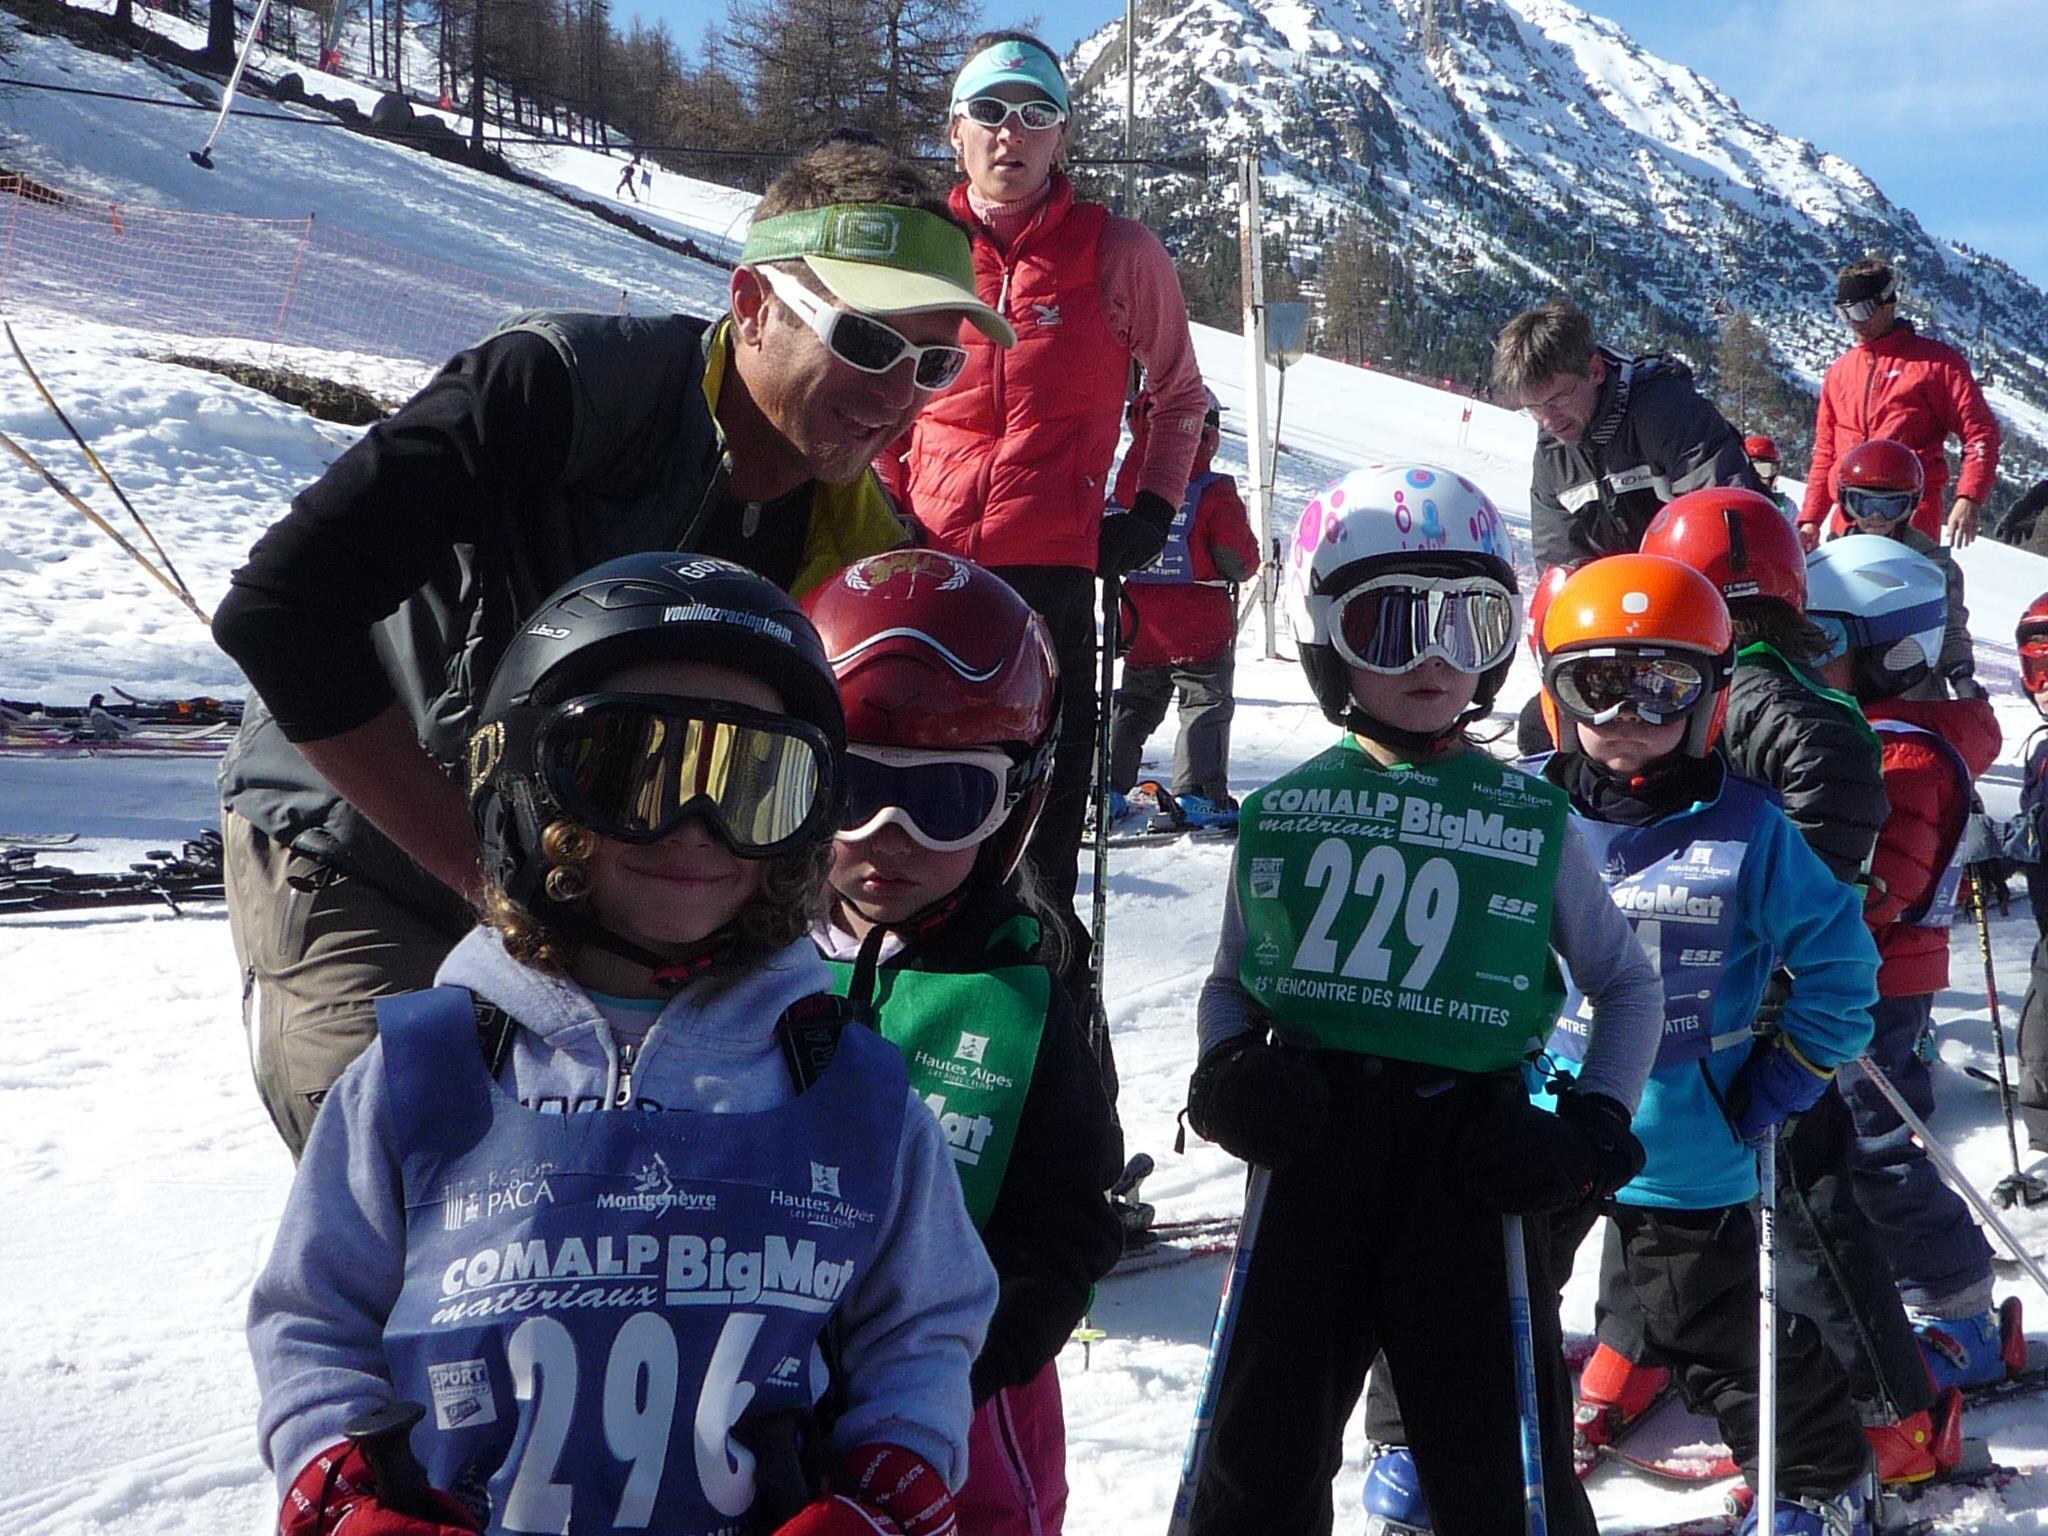 Cours de ski Enfants (6-13 ans) - Février - Après-midi